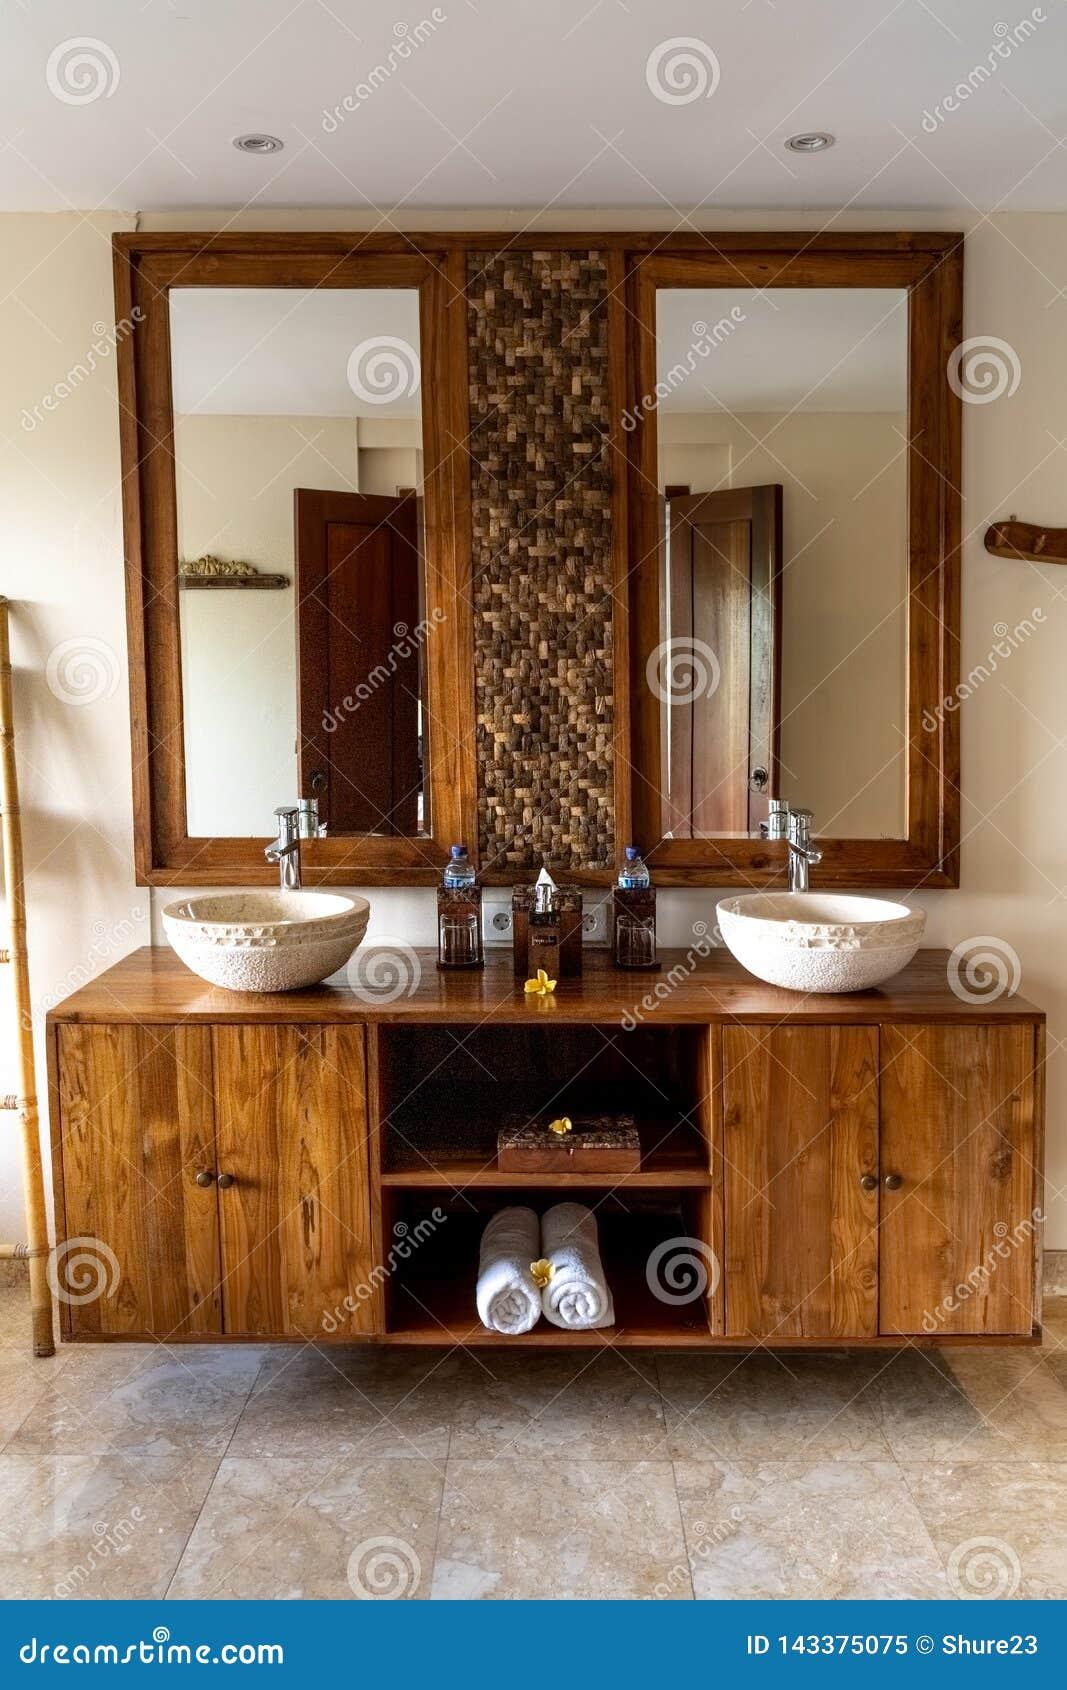 Ubud Bali Indonesia January 2019 Luxury Hotel Bathroom